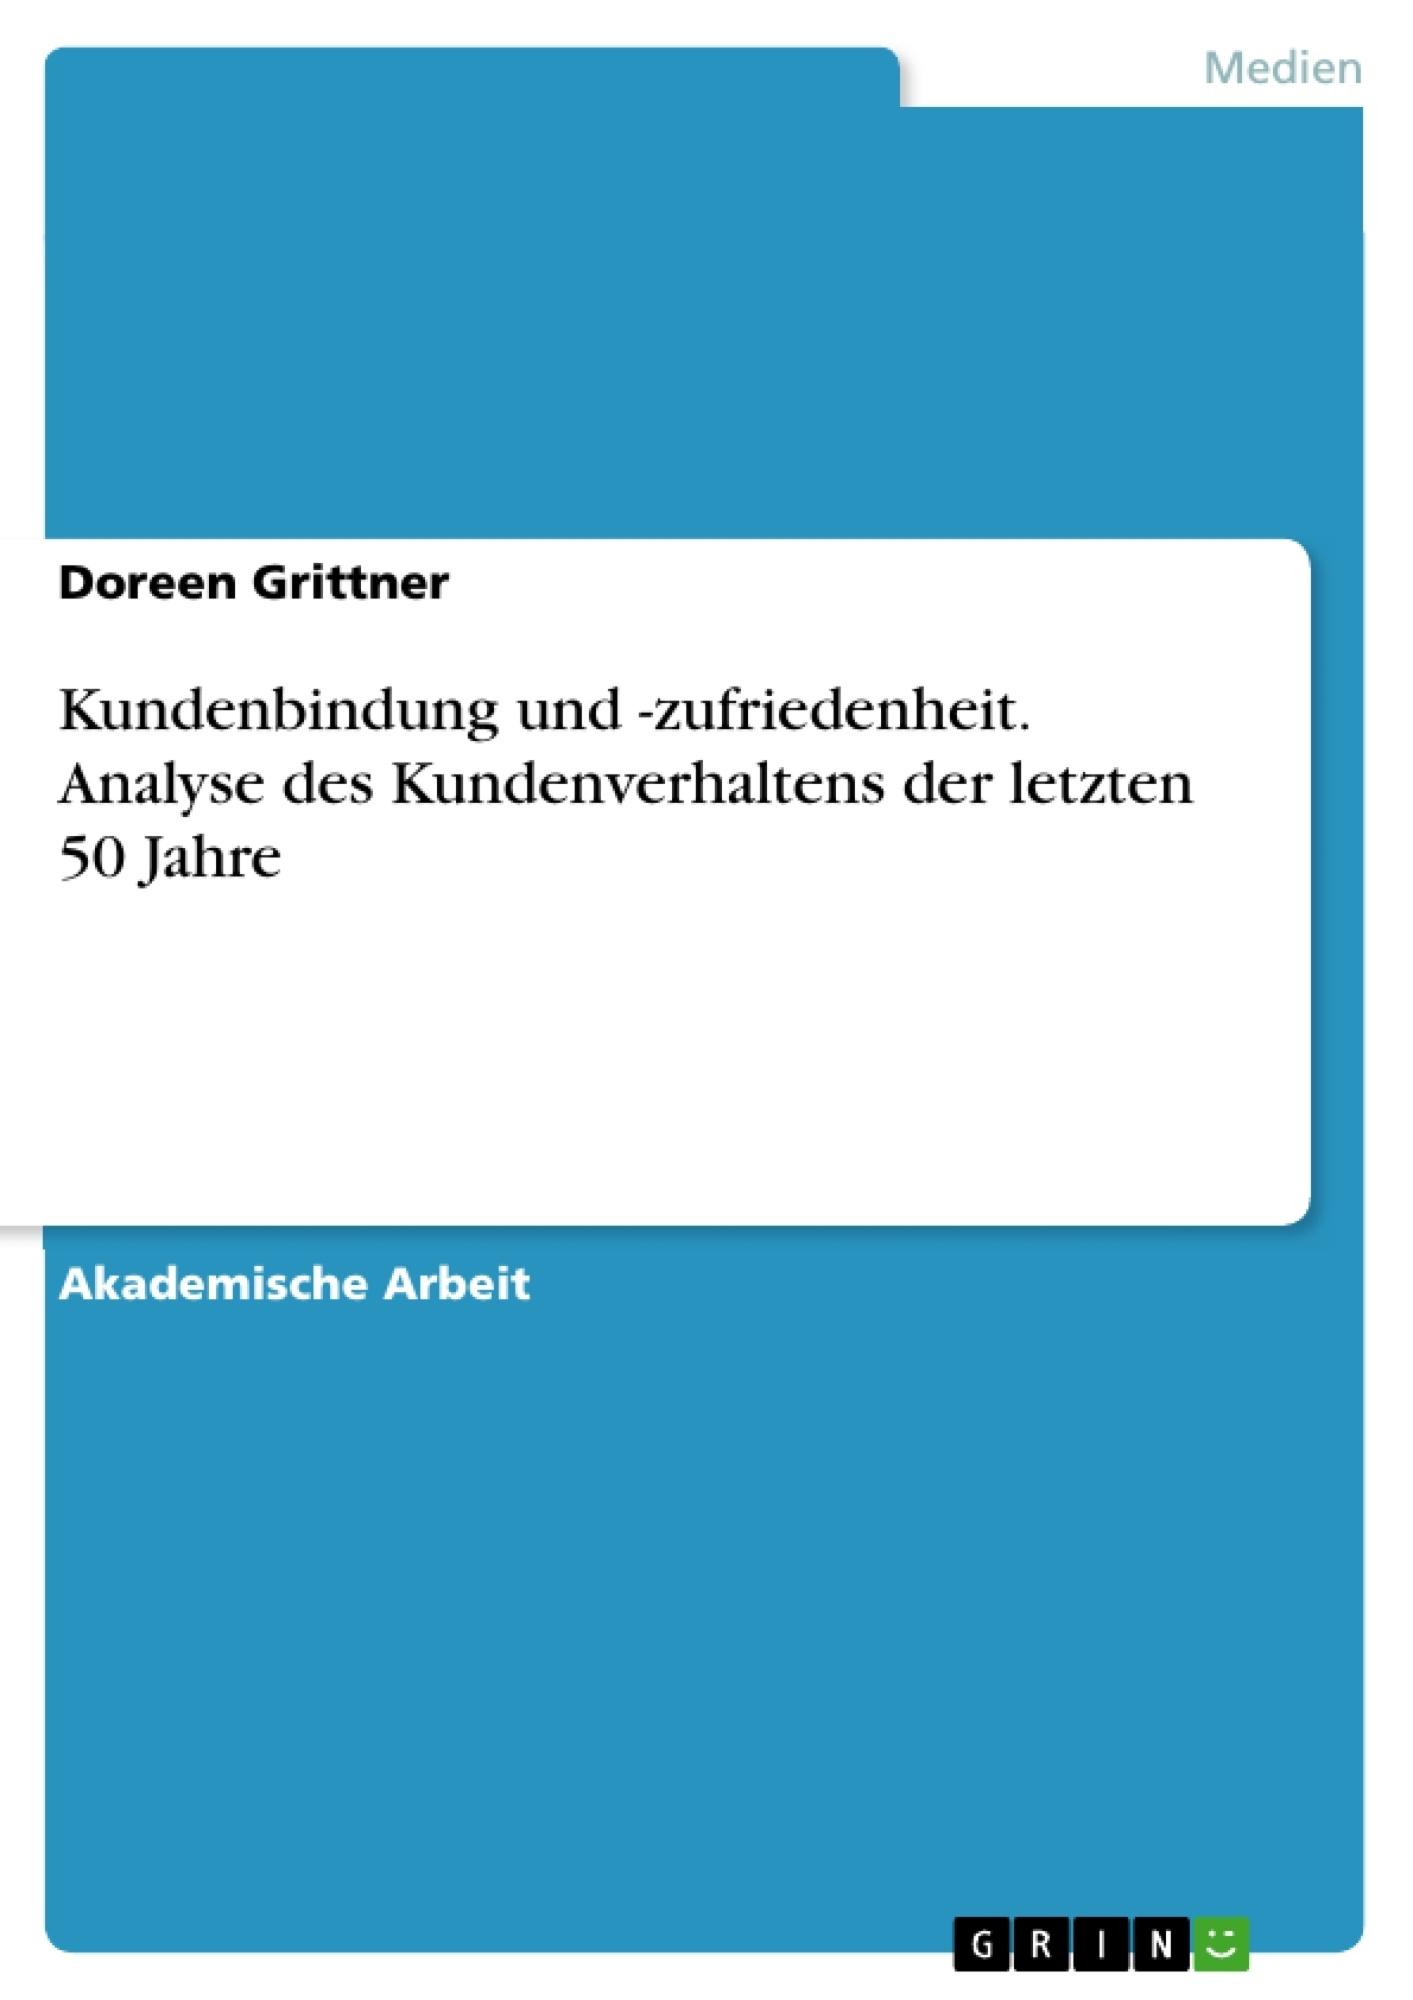 Titel: Kundenbindung und -zufriedenheit. Analyse des Kundenverhaltens der letzten 50 Jahre